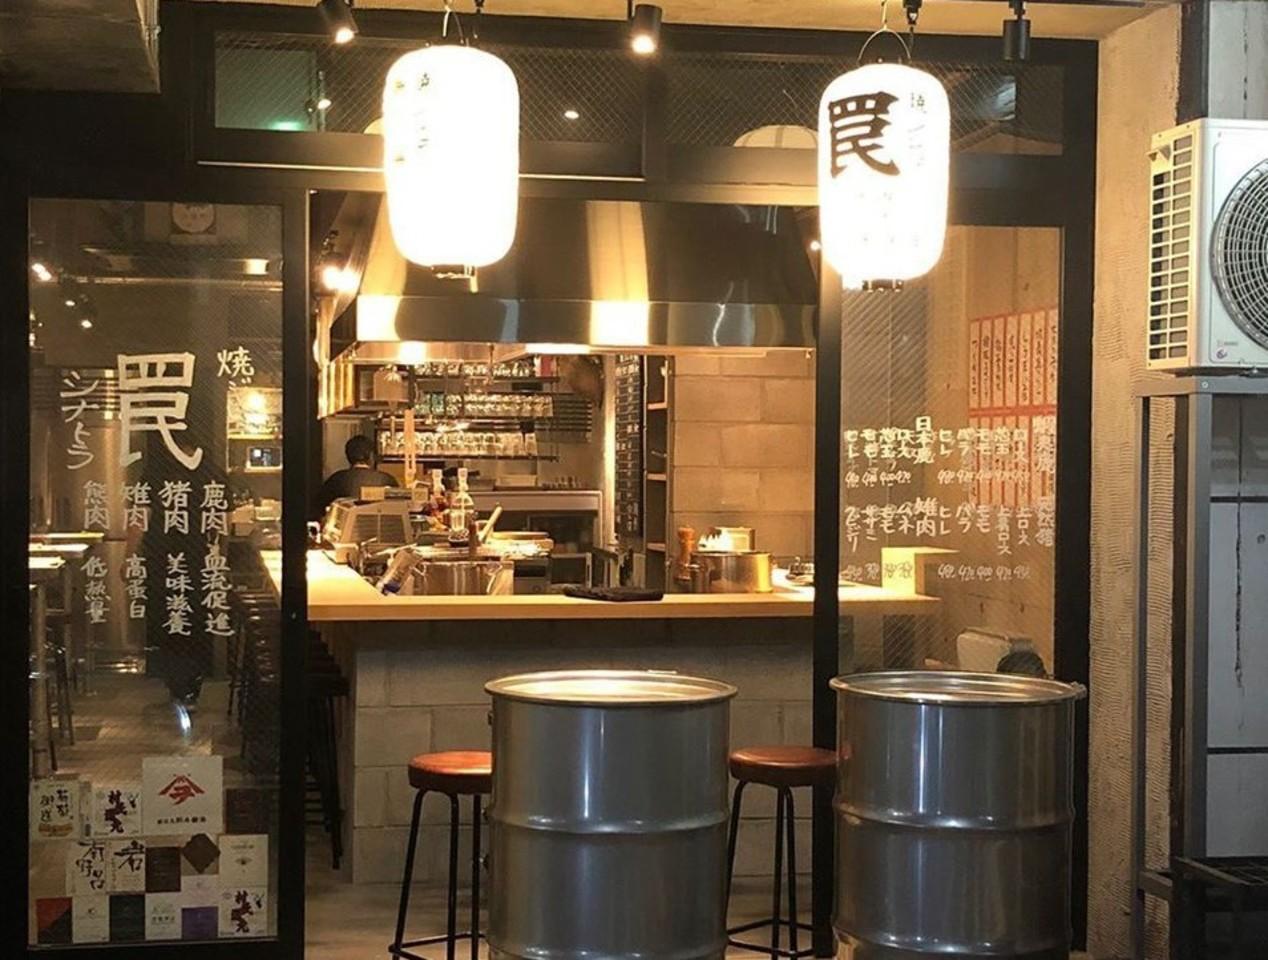 新潟県新潟市中央区東大通1丁目に「焼ジビエ 罠 シナトラ」が7/1オープンされたようです。